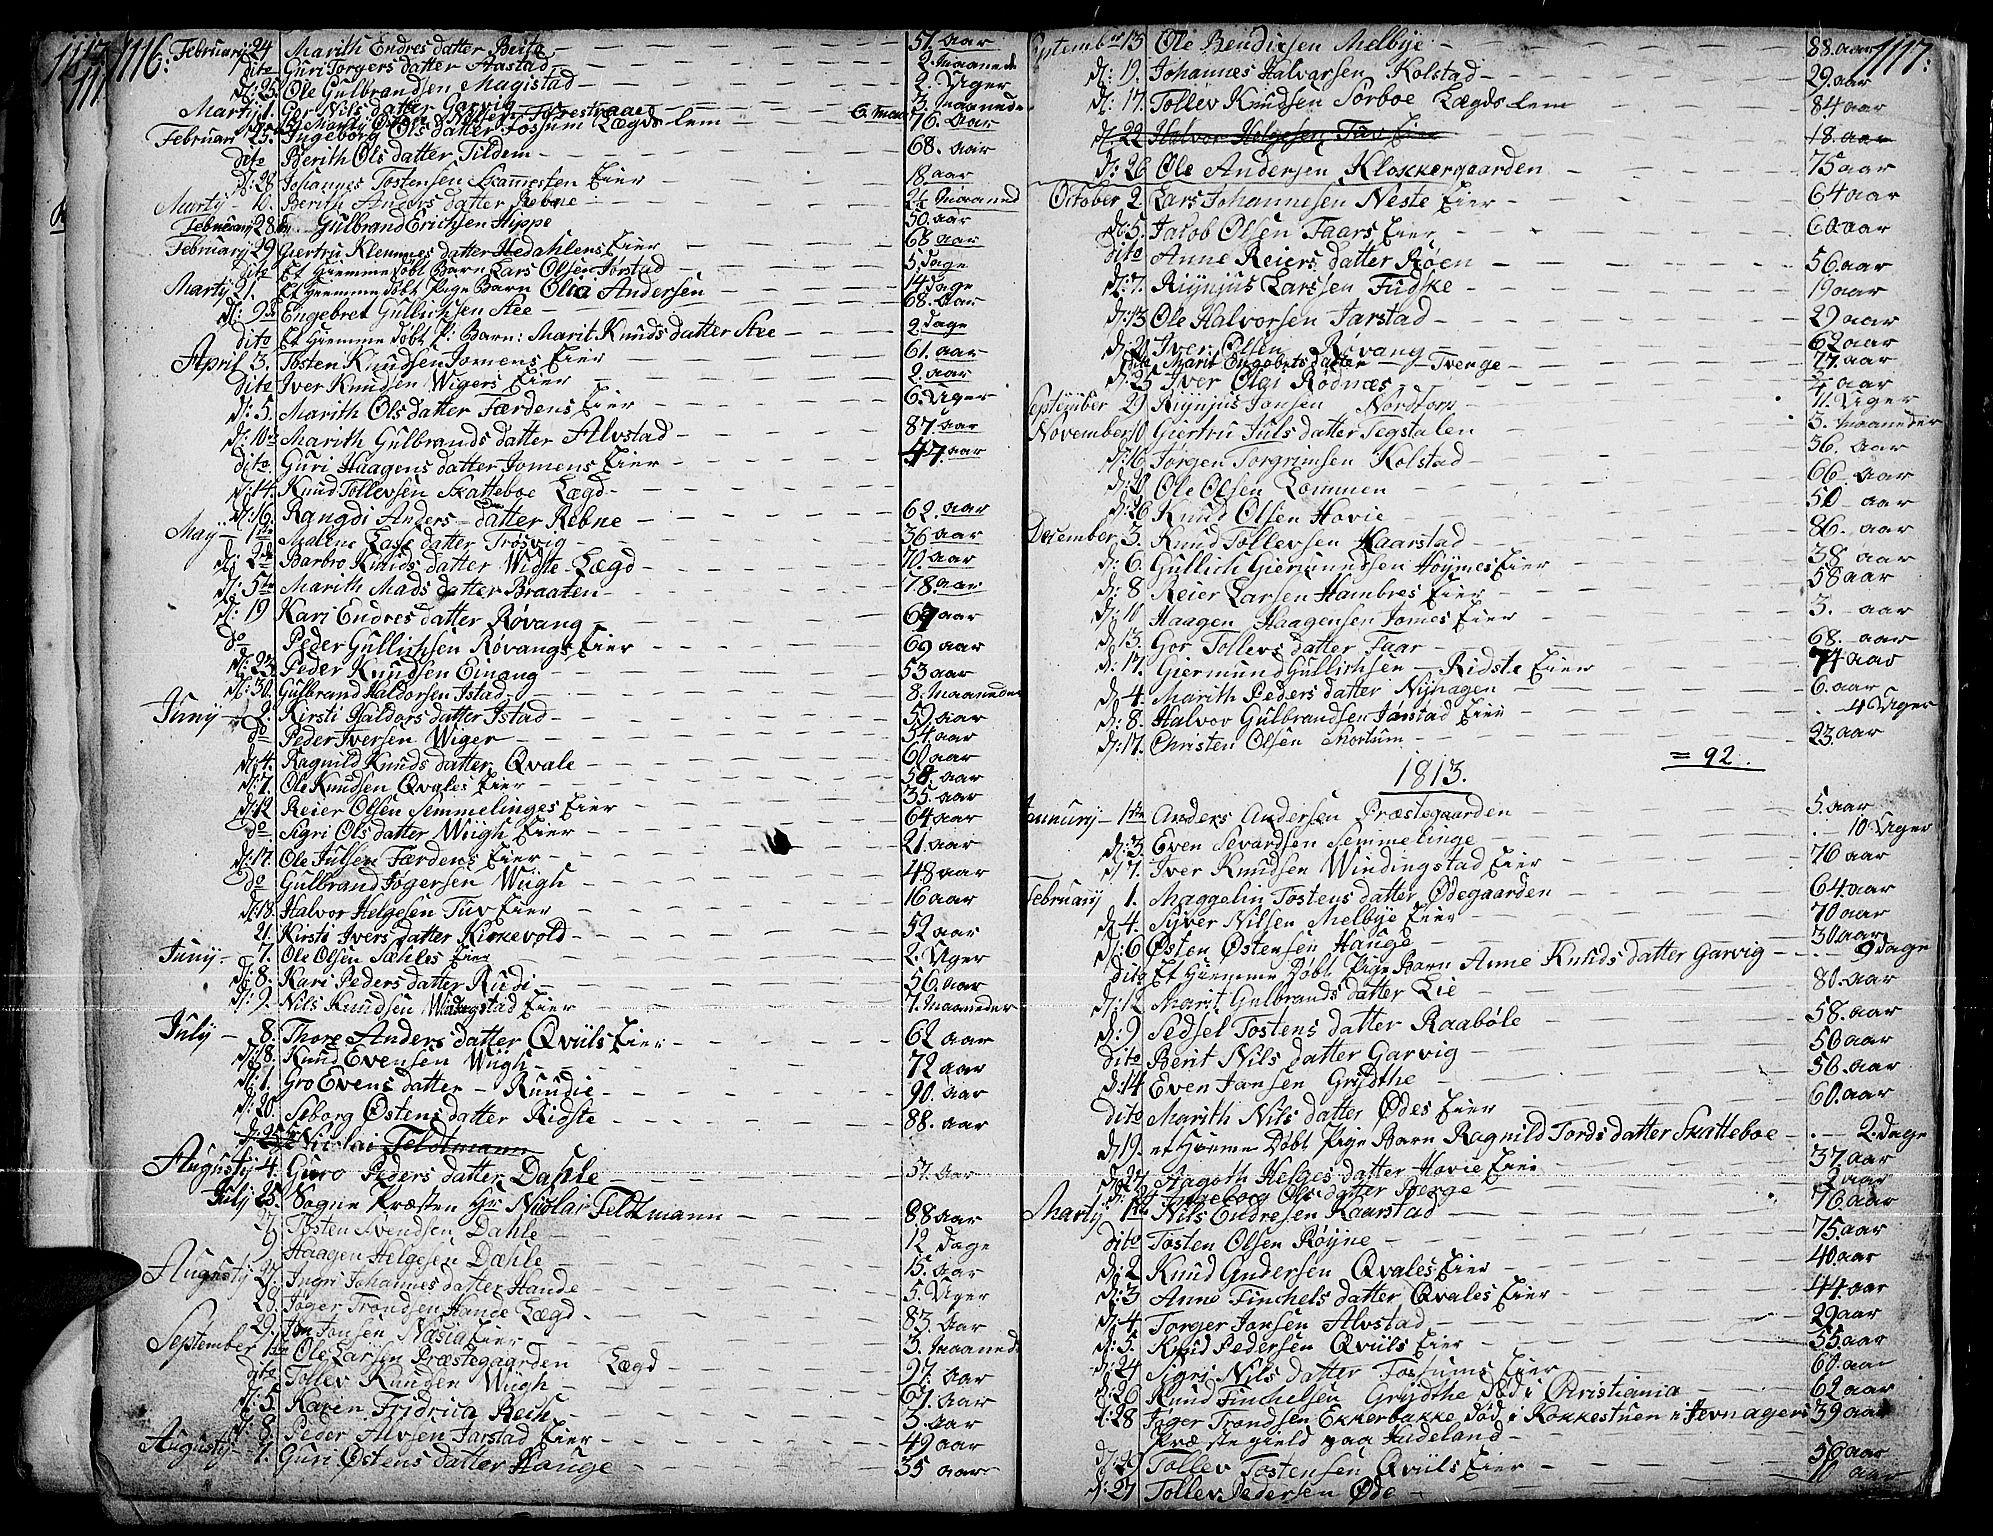 SAH, Slidre prestekontor, Ministerialbok nr. 1, 1724-1814, s. 1116-1117